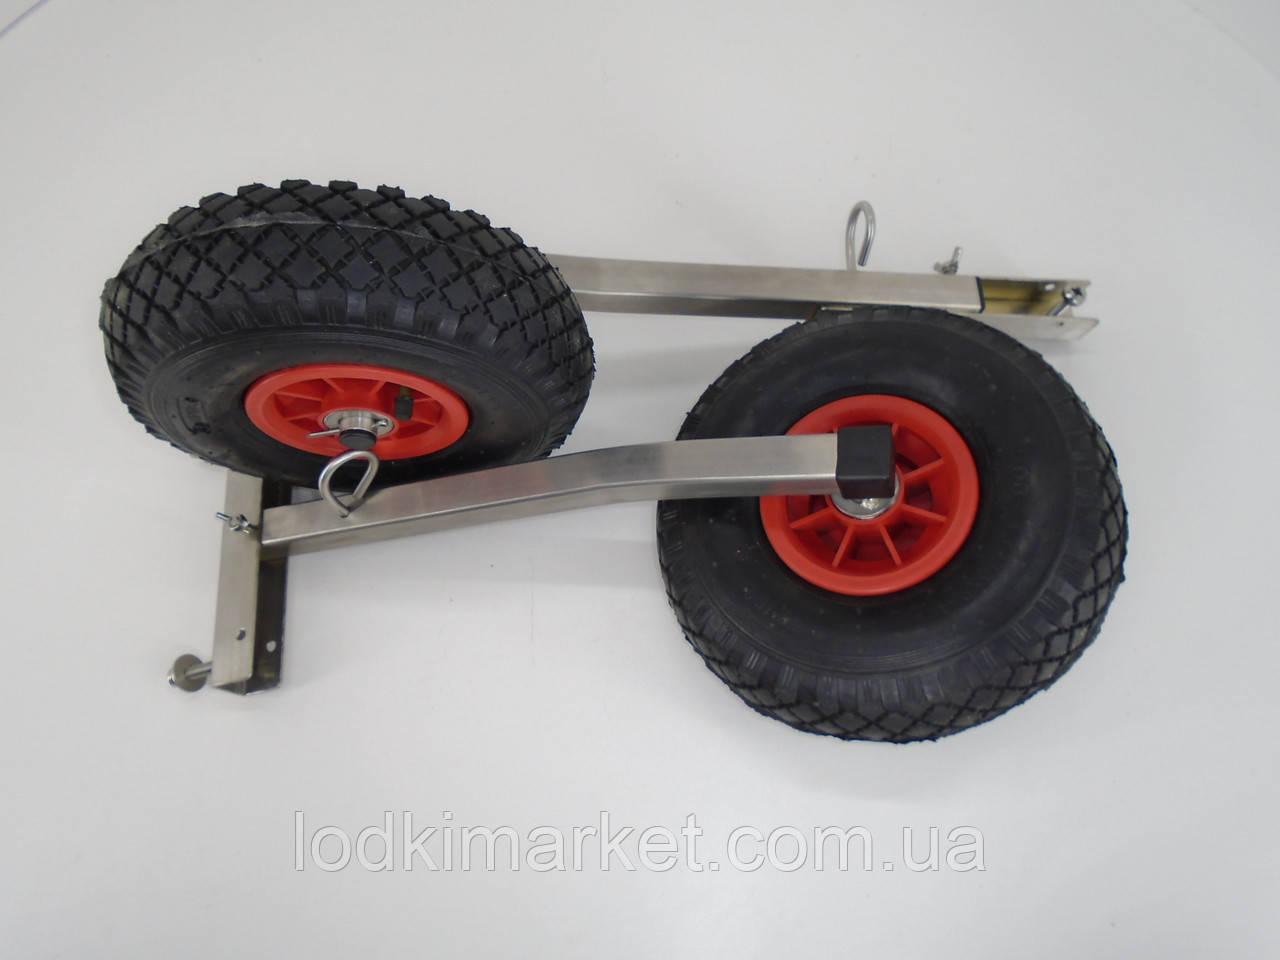 Транцевые колеса КТ400Н Штифт (нерж/сталь)